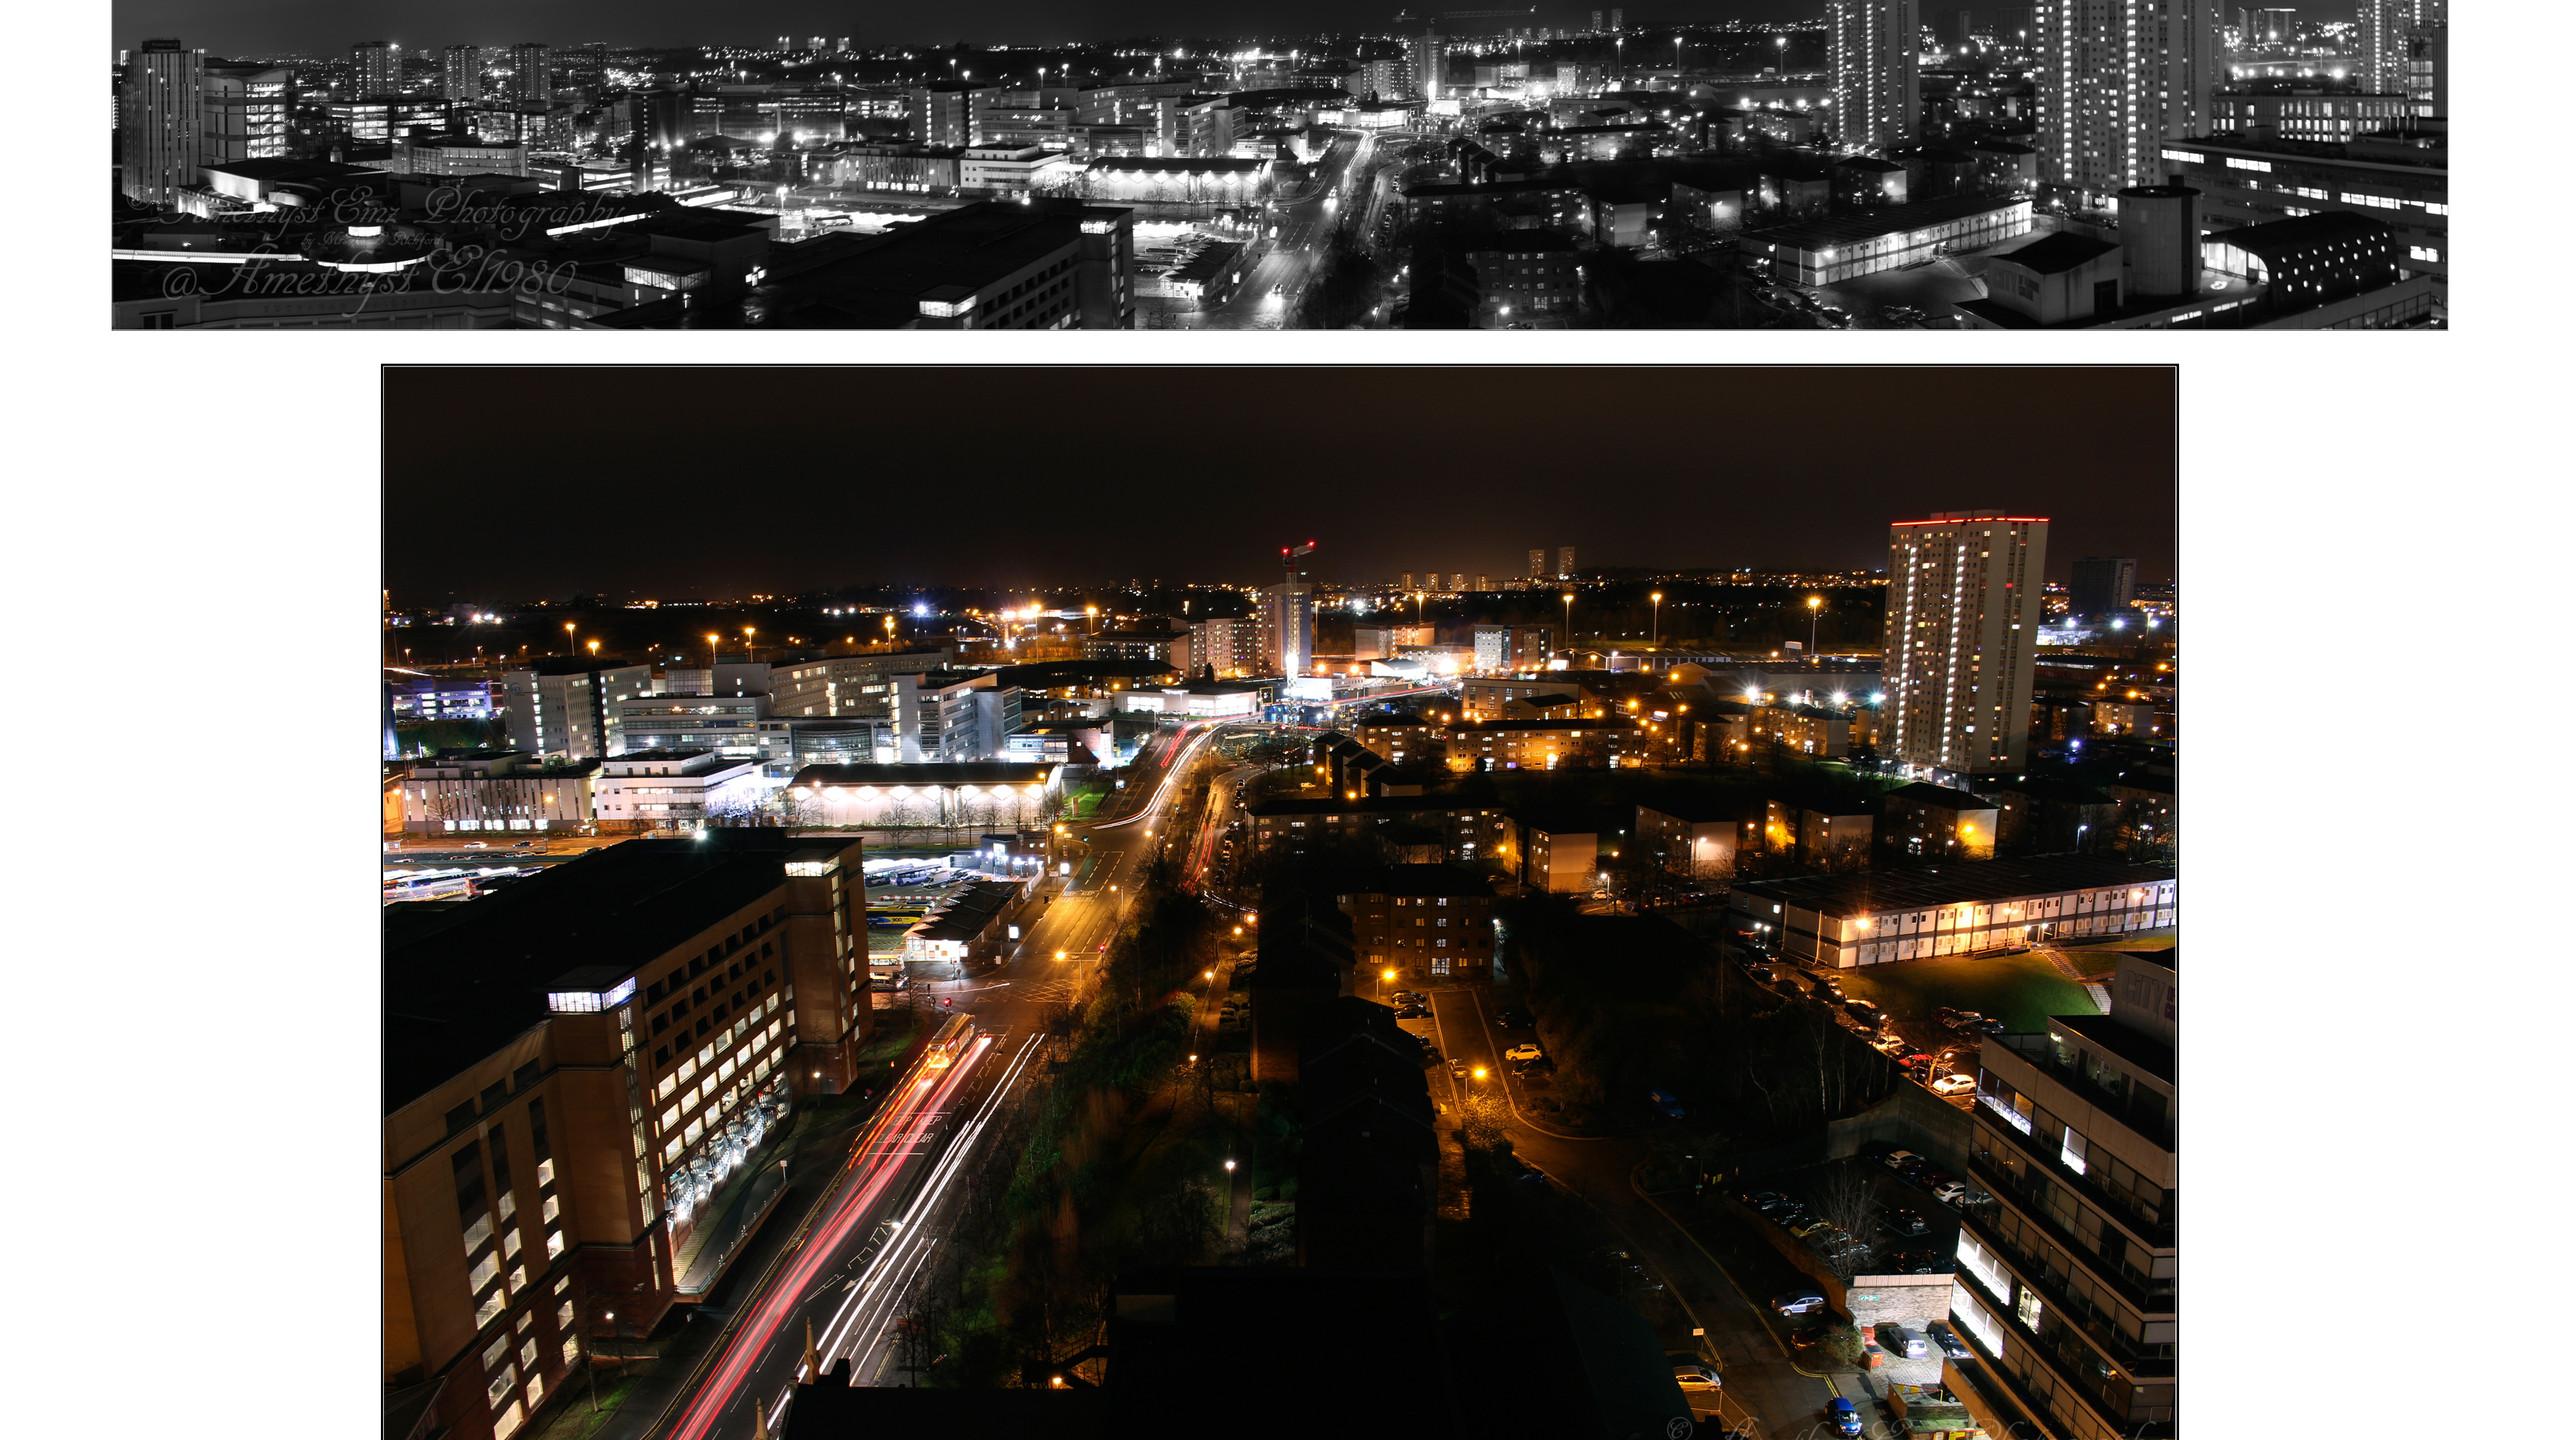 copy right city scape collage